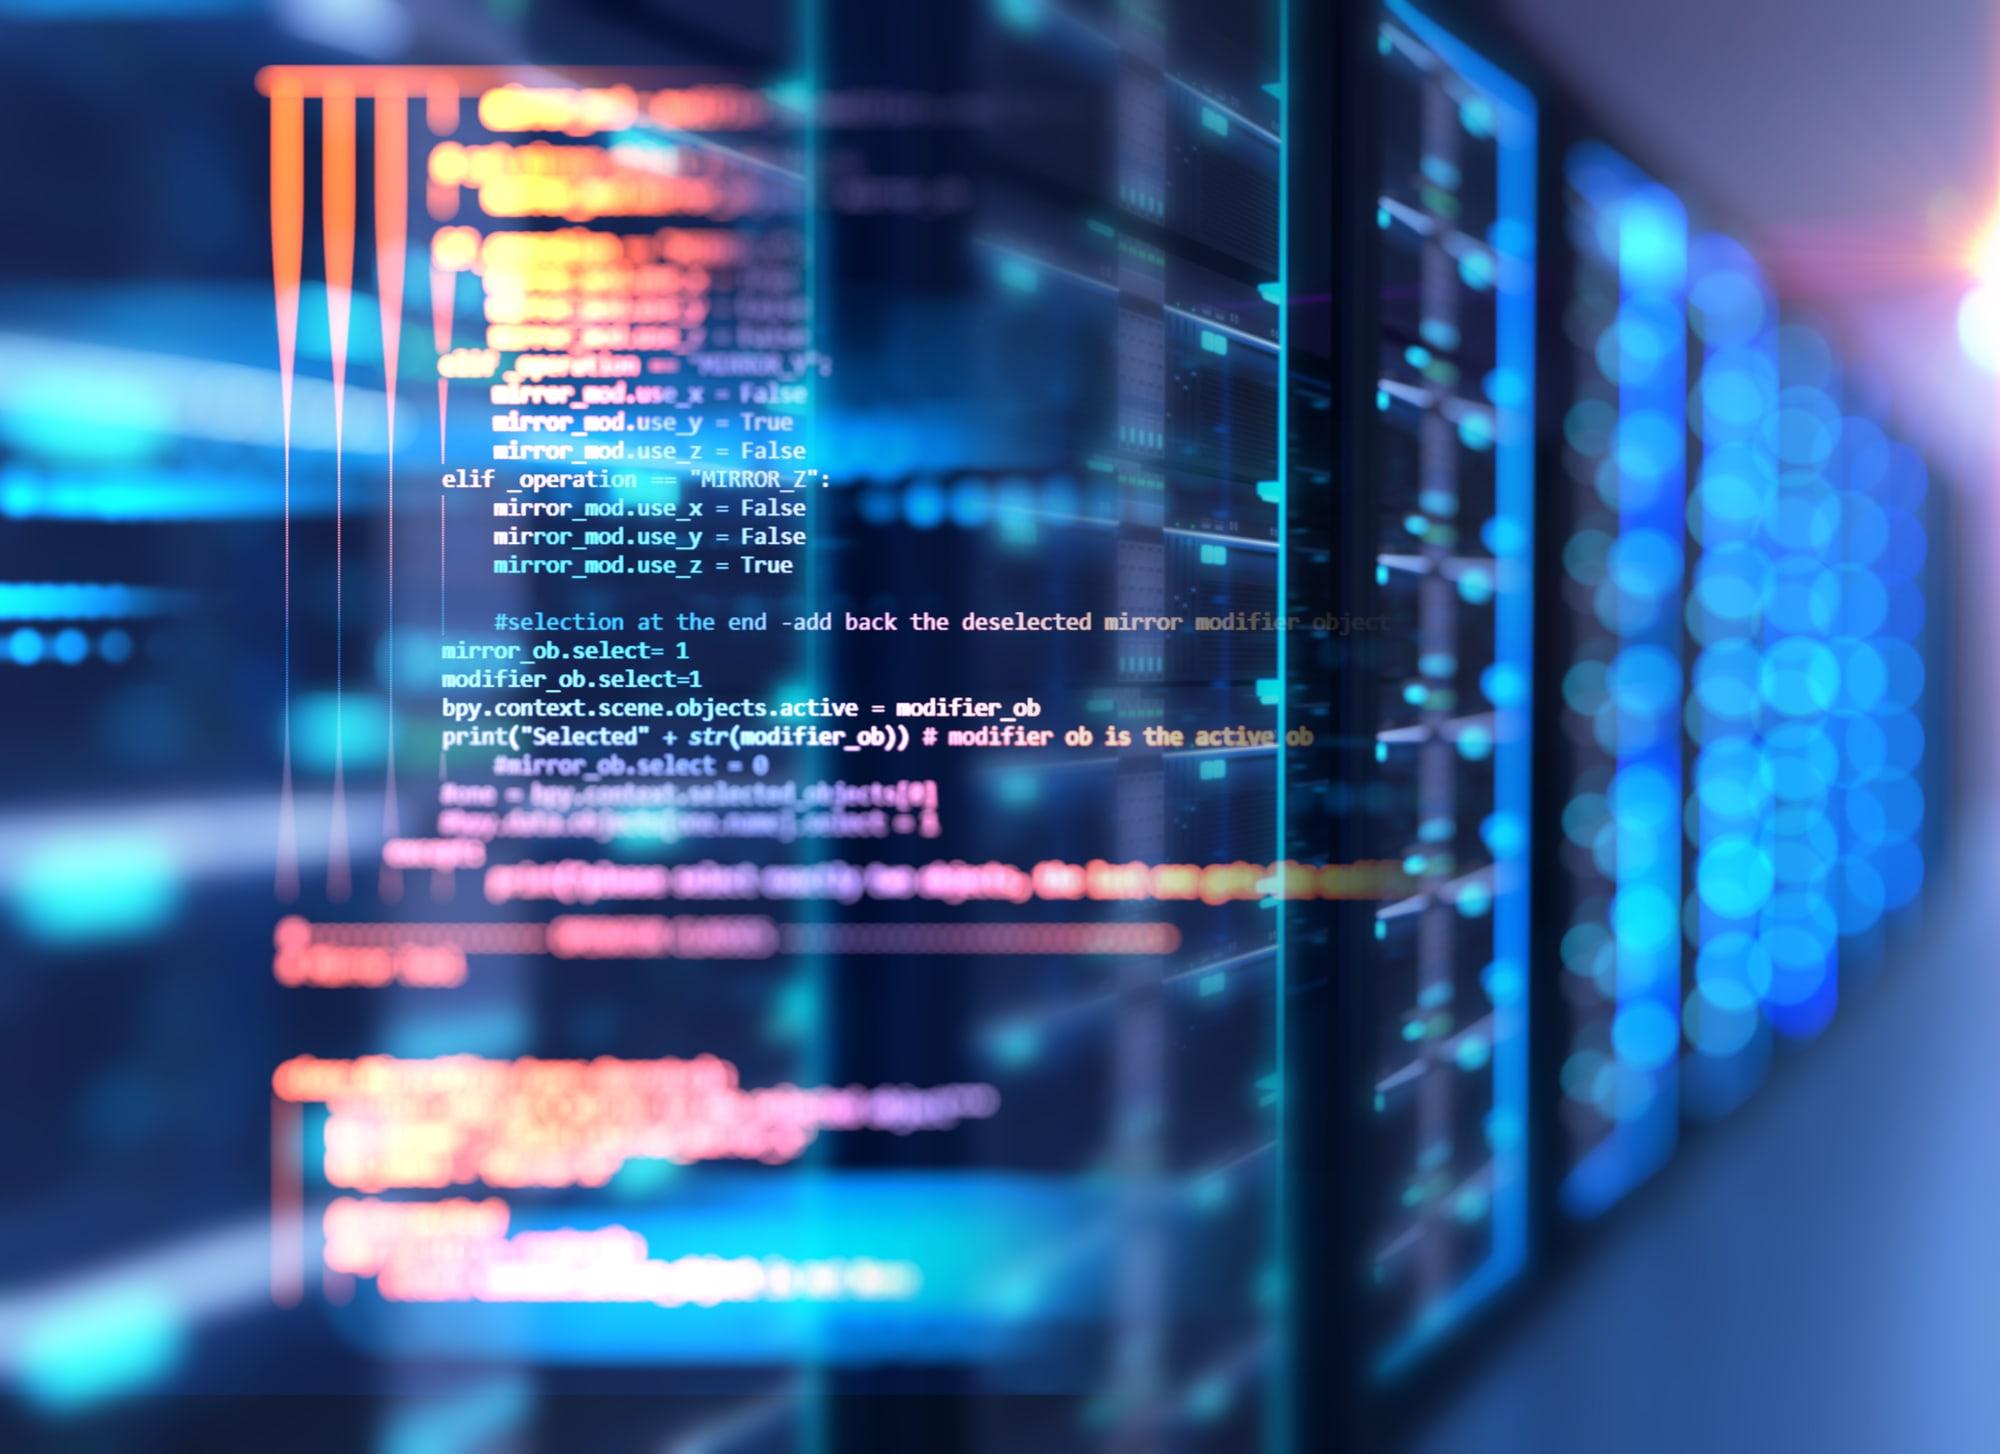 线上医药市场猛增,加强大数据监管成防风险关键